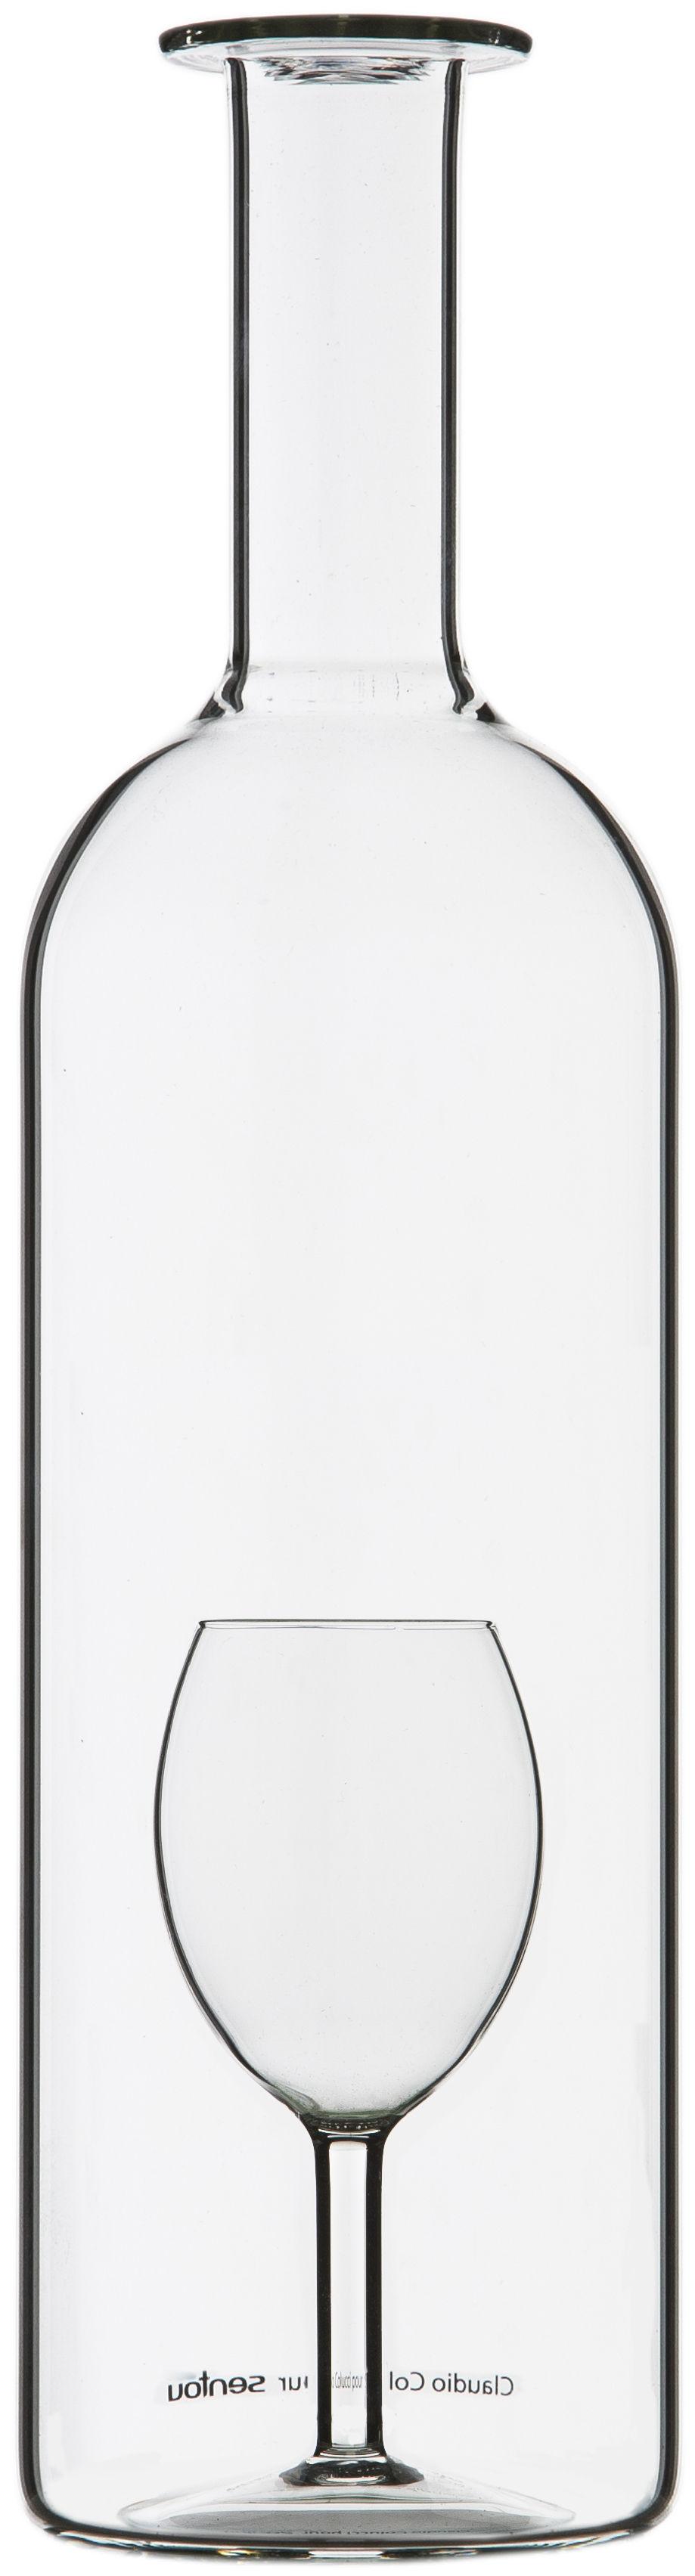 Arts de la table - Carafes et décanteurs - Carafe Un Verre' Magnum / 175 cl - Sentou Edition - 175 cl - Transparent - Verre soufflé bouche